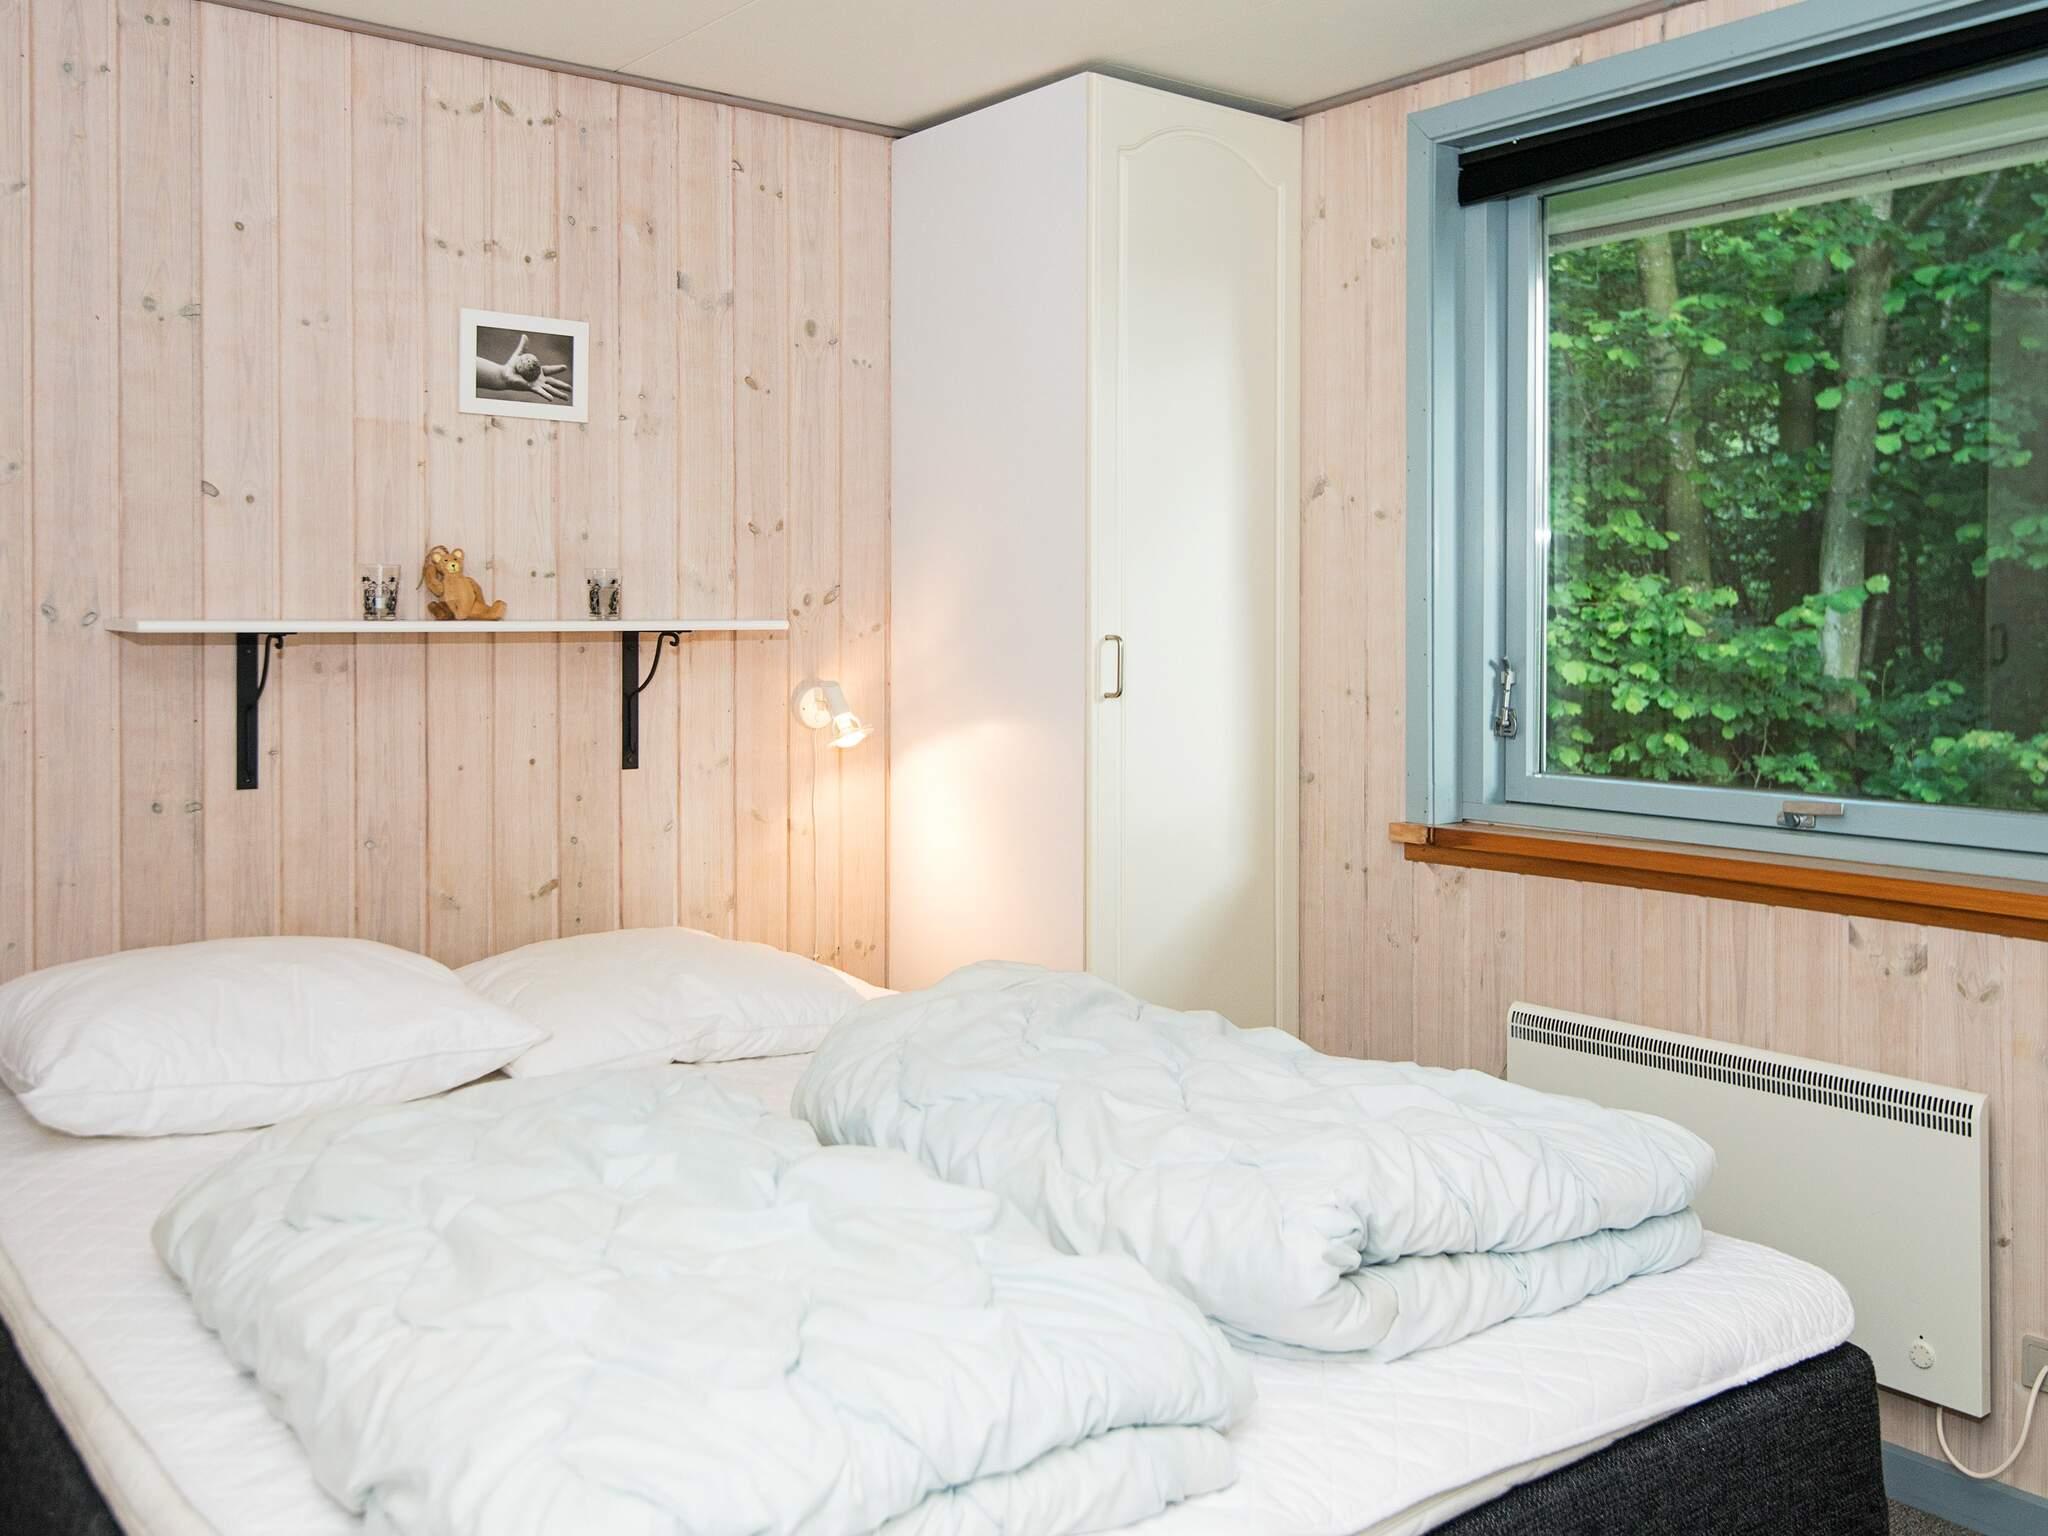 Ferienhaus Hvidbjerg (82128), Hvidbjerg, , Ostjütland, Dänemark, Bild 7